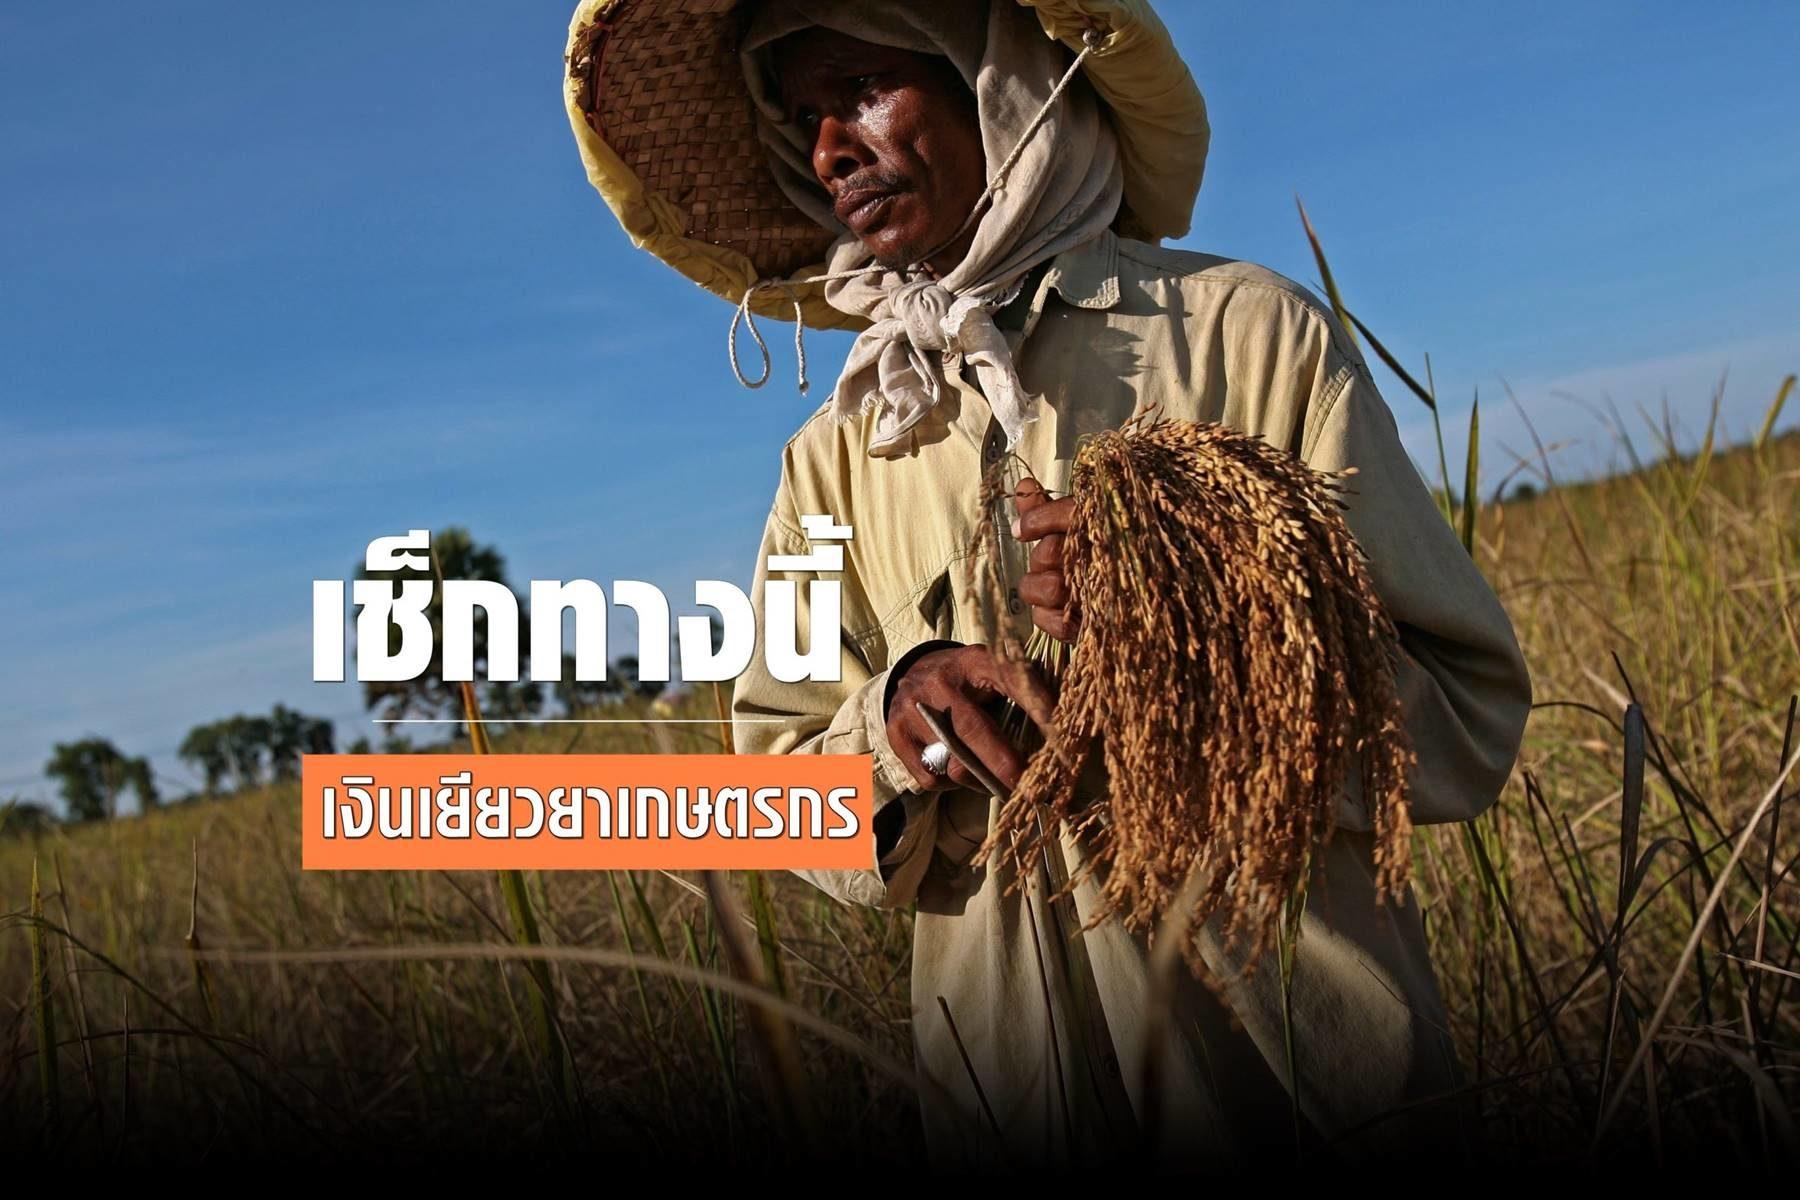 เช็กเลย เงินเยียวยาเกษตรกร งวด 2 เข้าแล้ว 1 ล้านคน คาด 21 มิ.ย. จ่ายครบ 7.2 ล้านคน